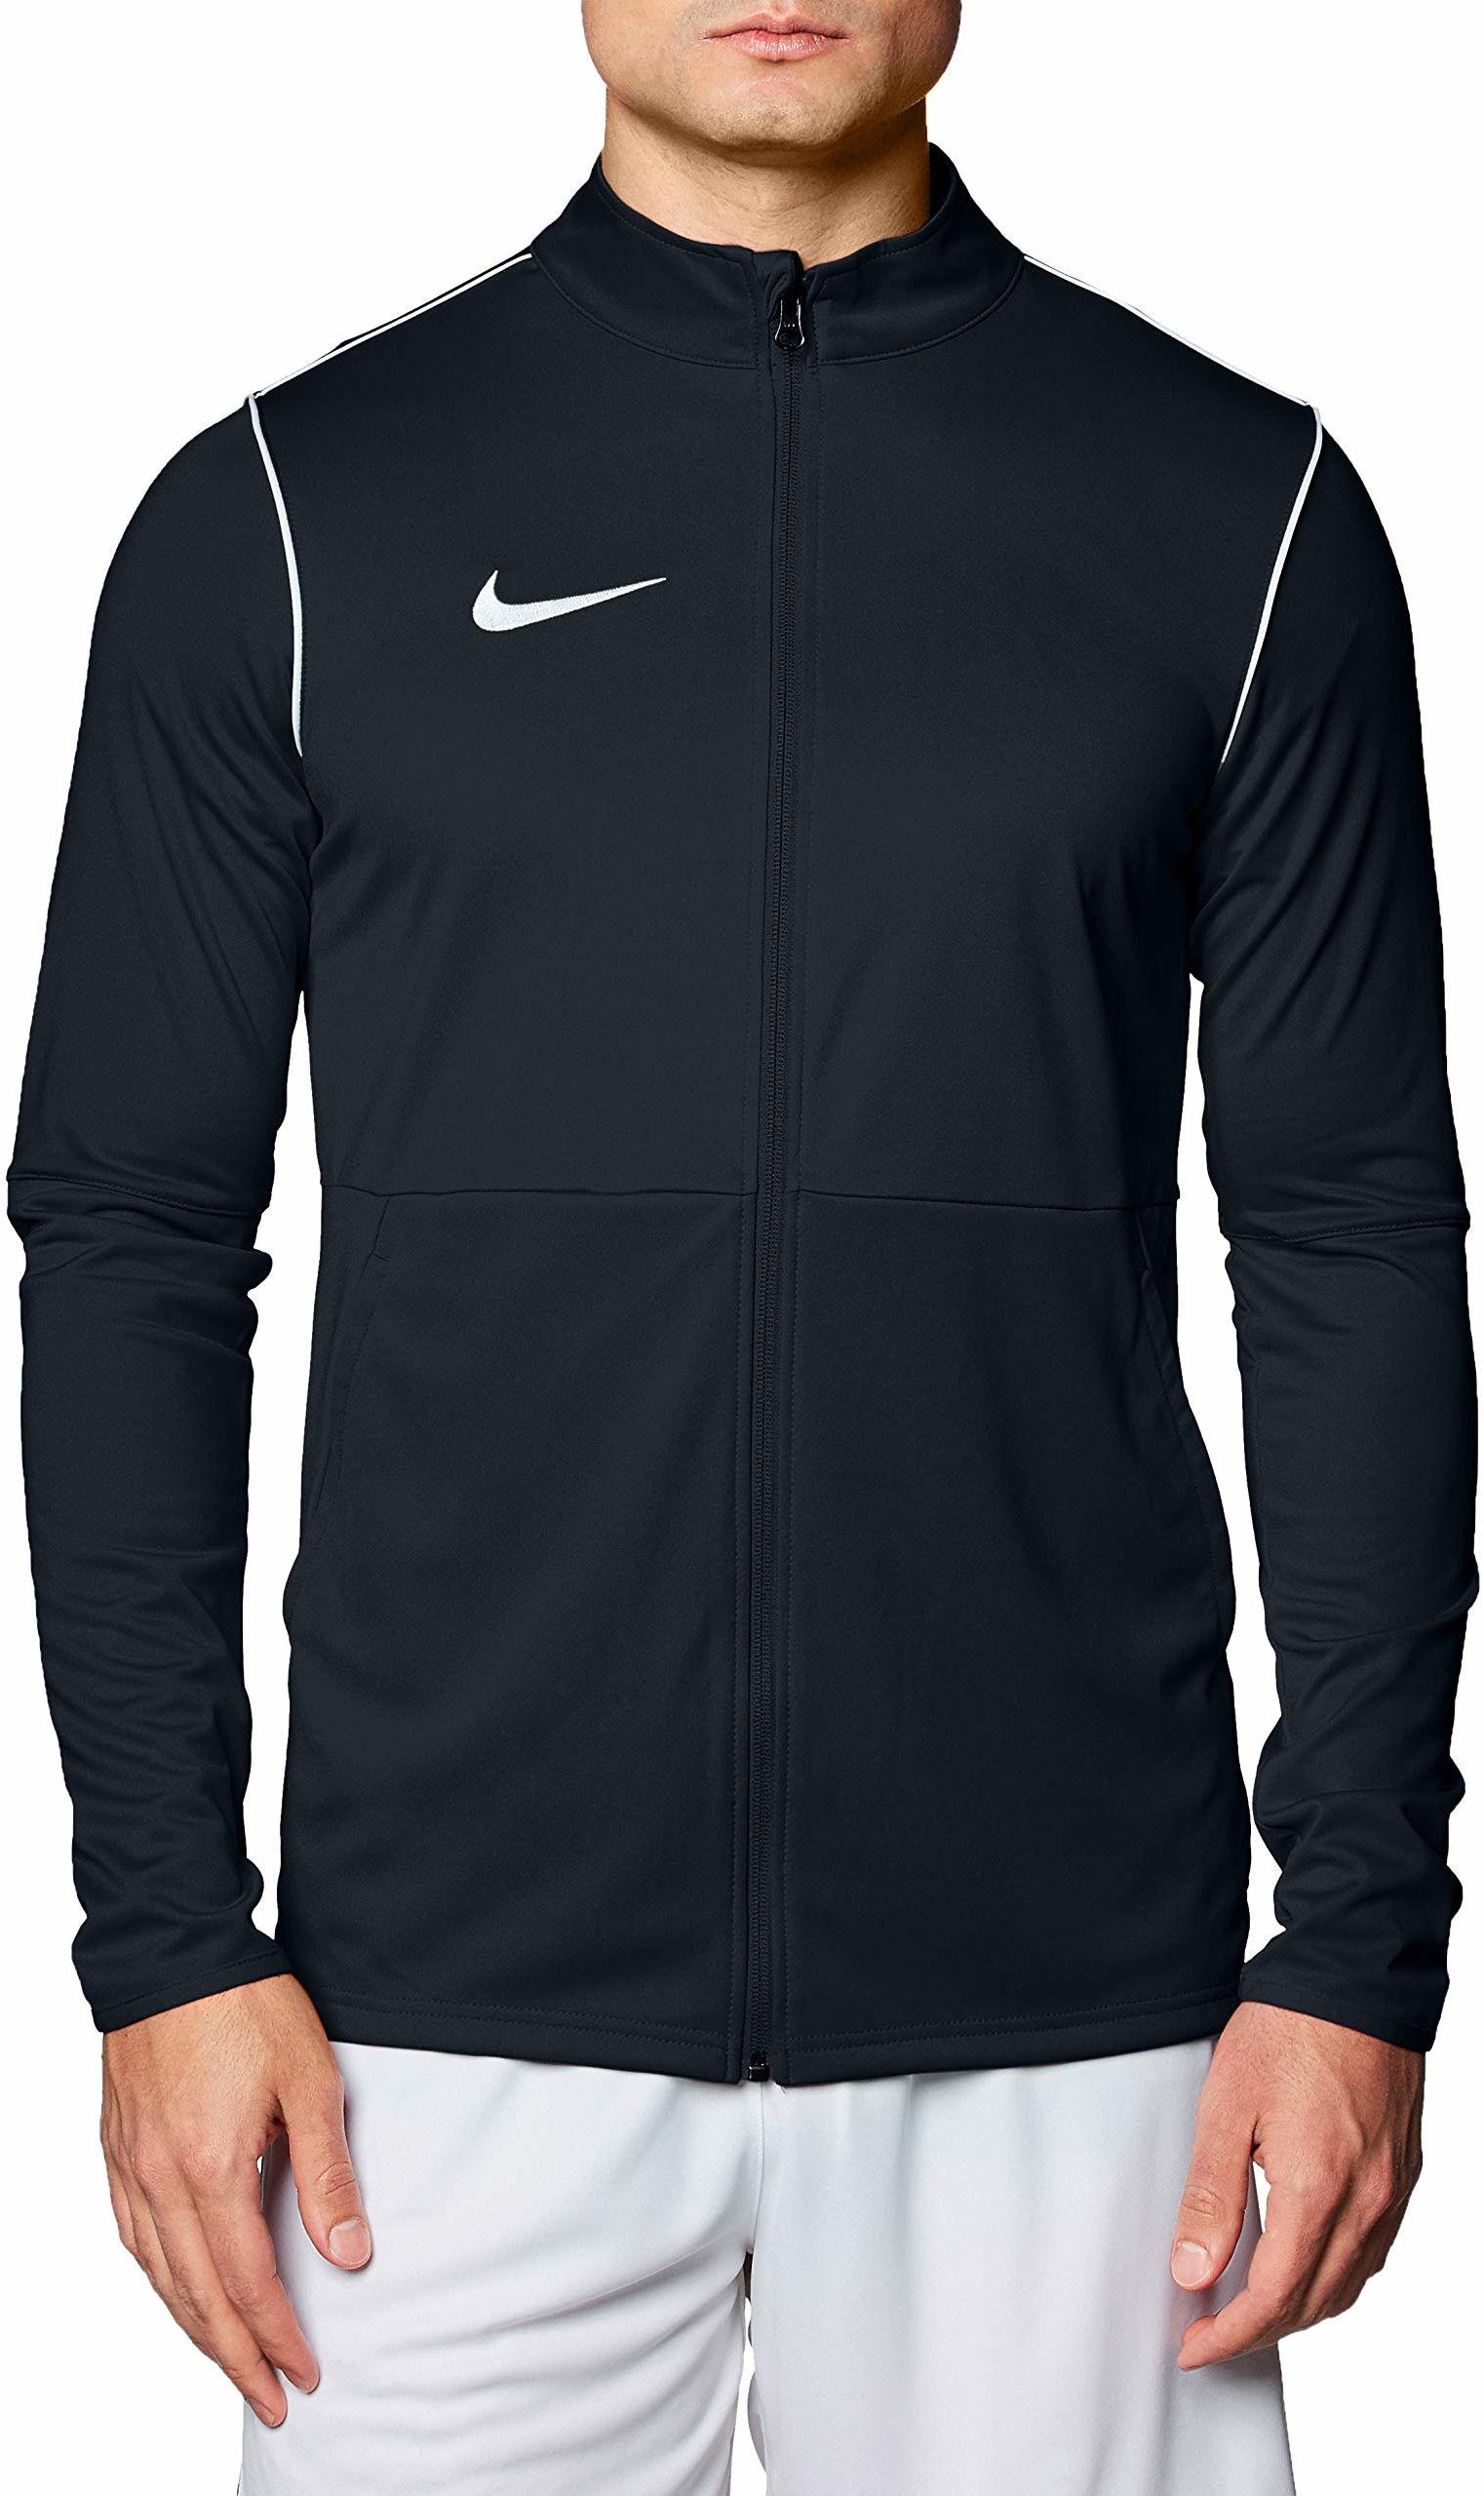 Nike M NK Dry PARK20 TRK JKT K kurtka sportowa, czarny/biały/biały, XL